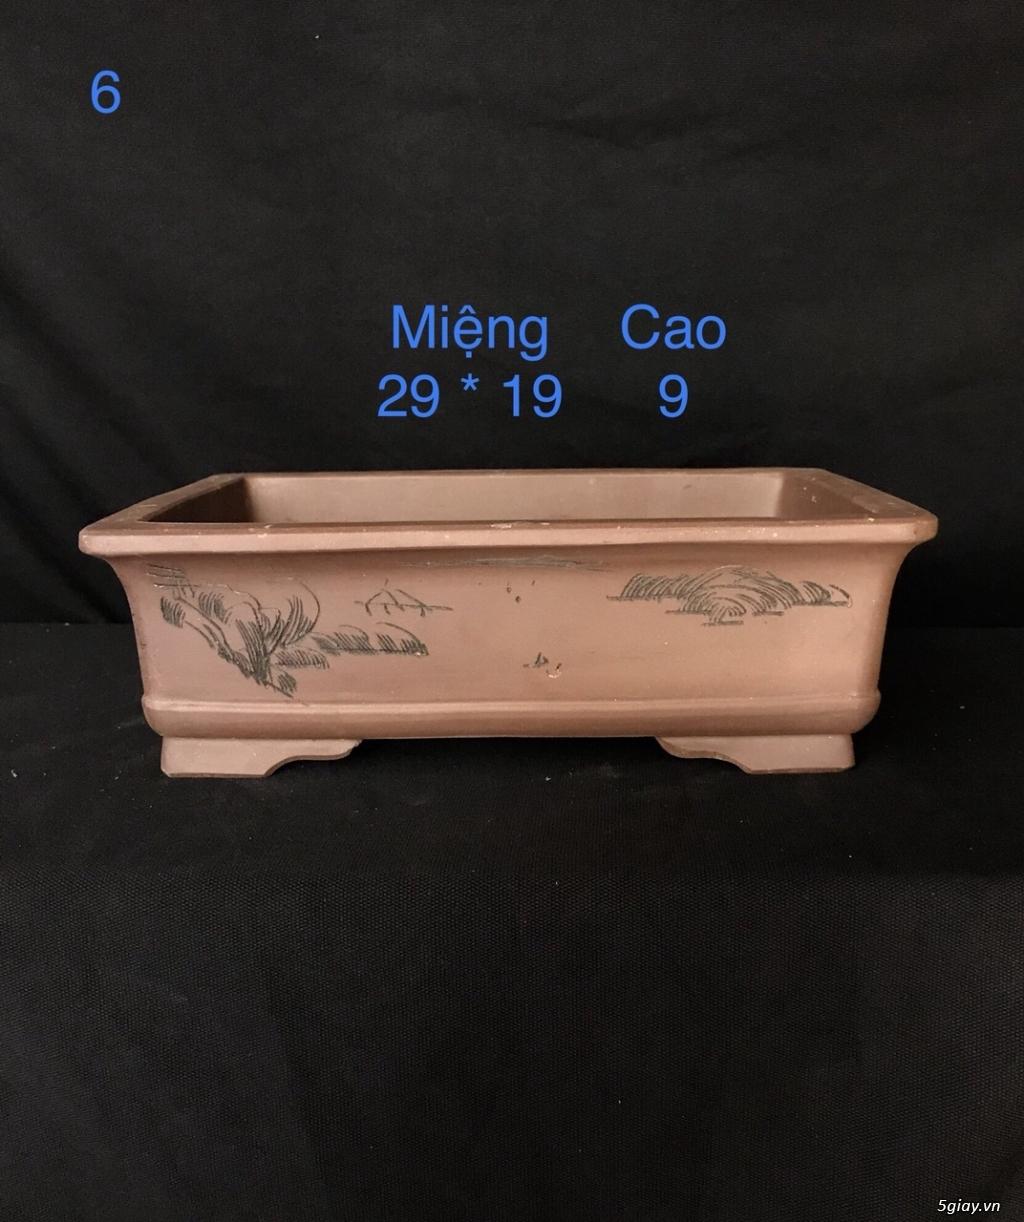 Chậu cây bonsai nhập khẩu, đẹp, có giá sỉ và lẻ cho a/e, 0962118575 - 4